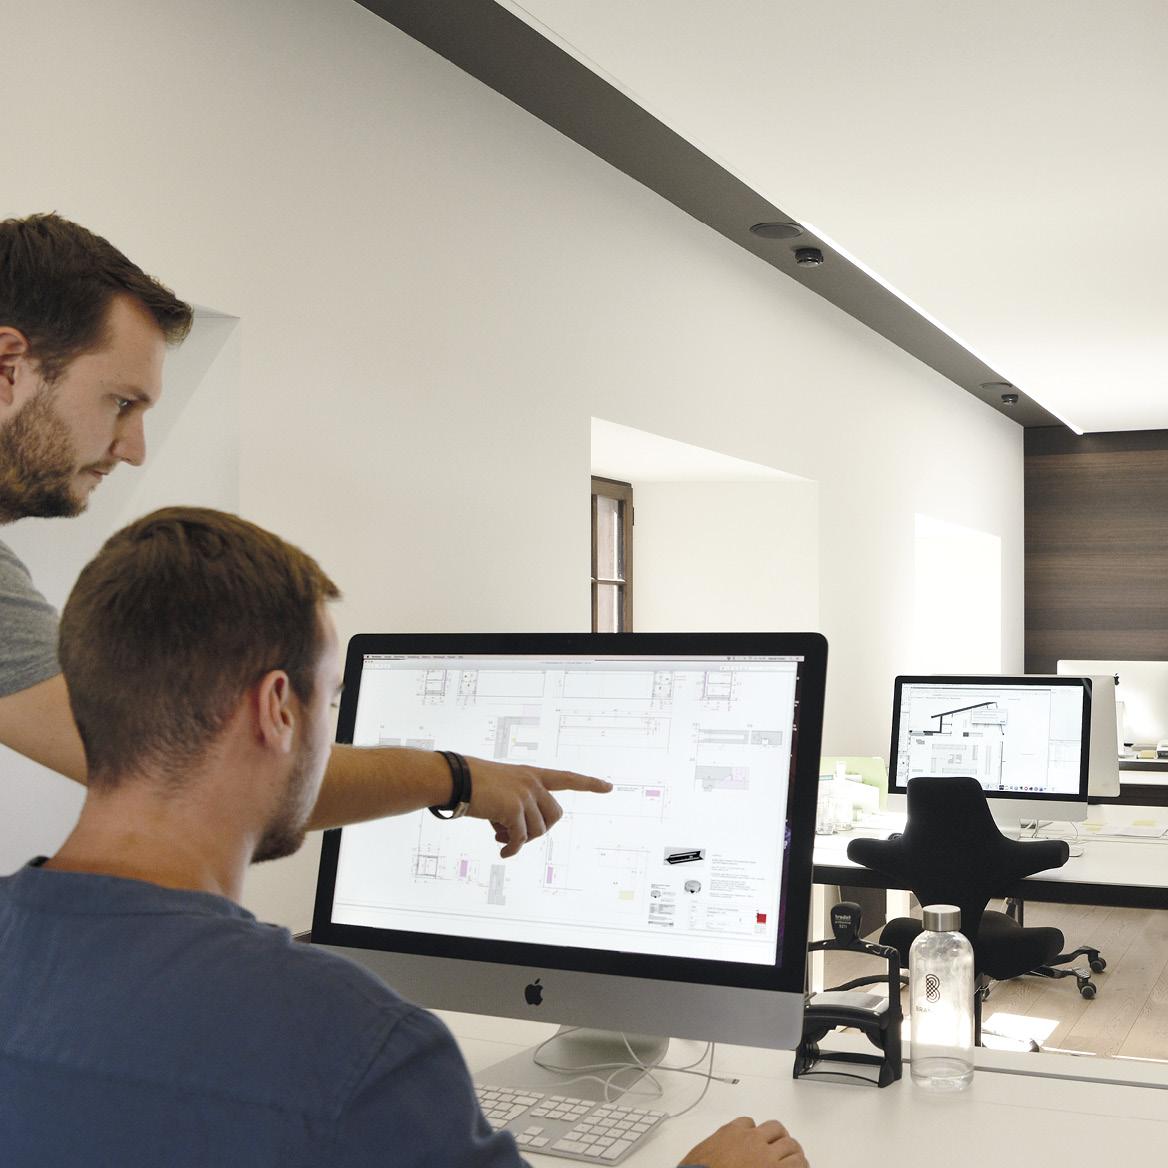 Architektur.  Mise en Place plant den gesamten Raum, visualisiert Ideen und hat dabei stets das Ganze im Blick: Strukturen, Materialien, Gestaltung, Ambiente. Die Fachleute stimmen diese Komponenten auf eine optimale Funktionalität ihres Workflows ab. Sie koordinieren und begleiten die gesamte Umsetzung des Projekts und behalten Kosten und Termine im Auge.